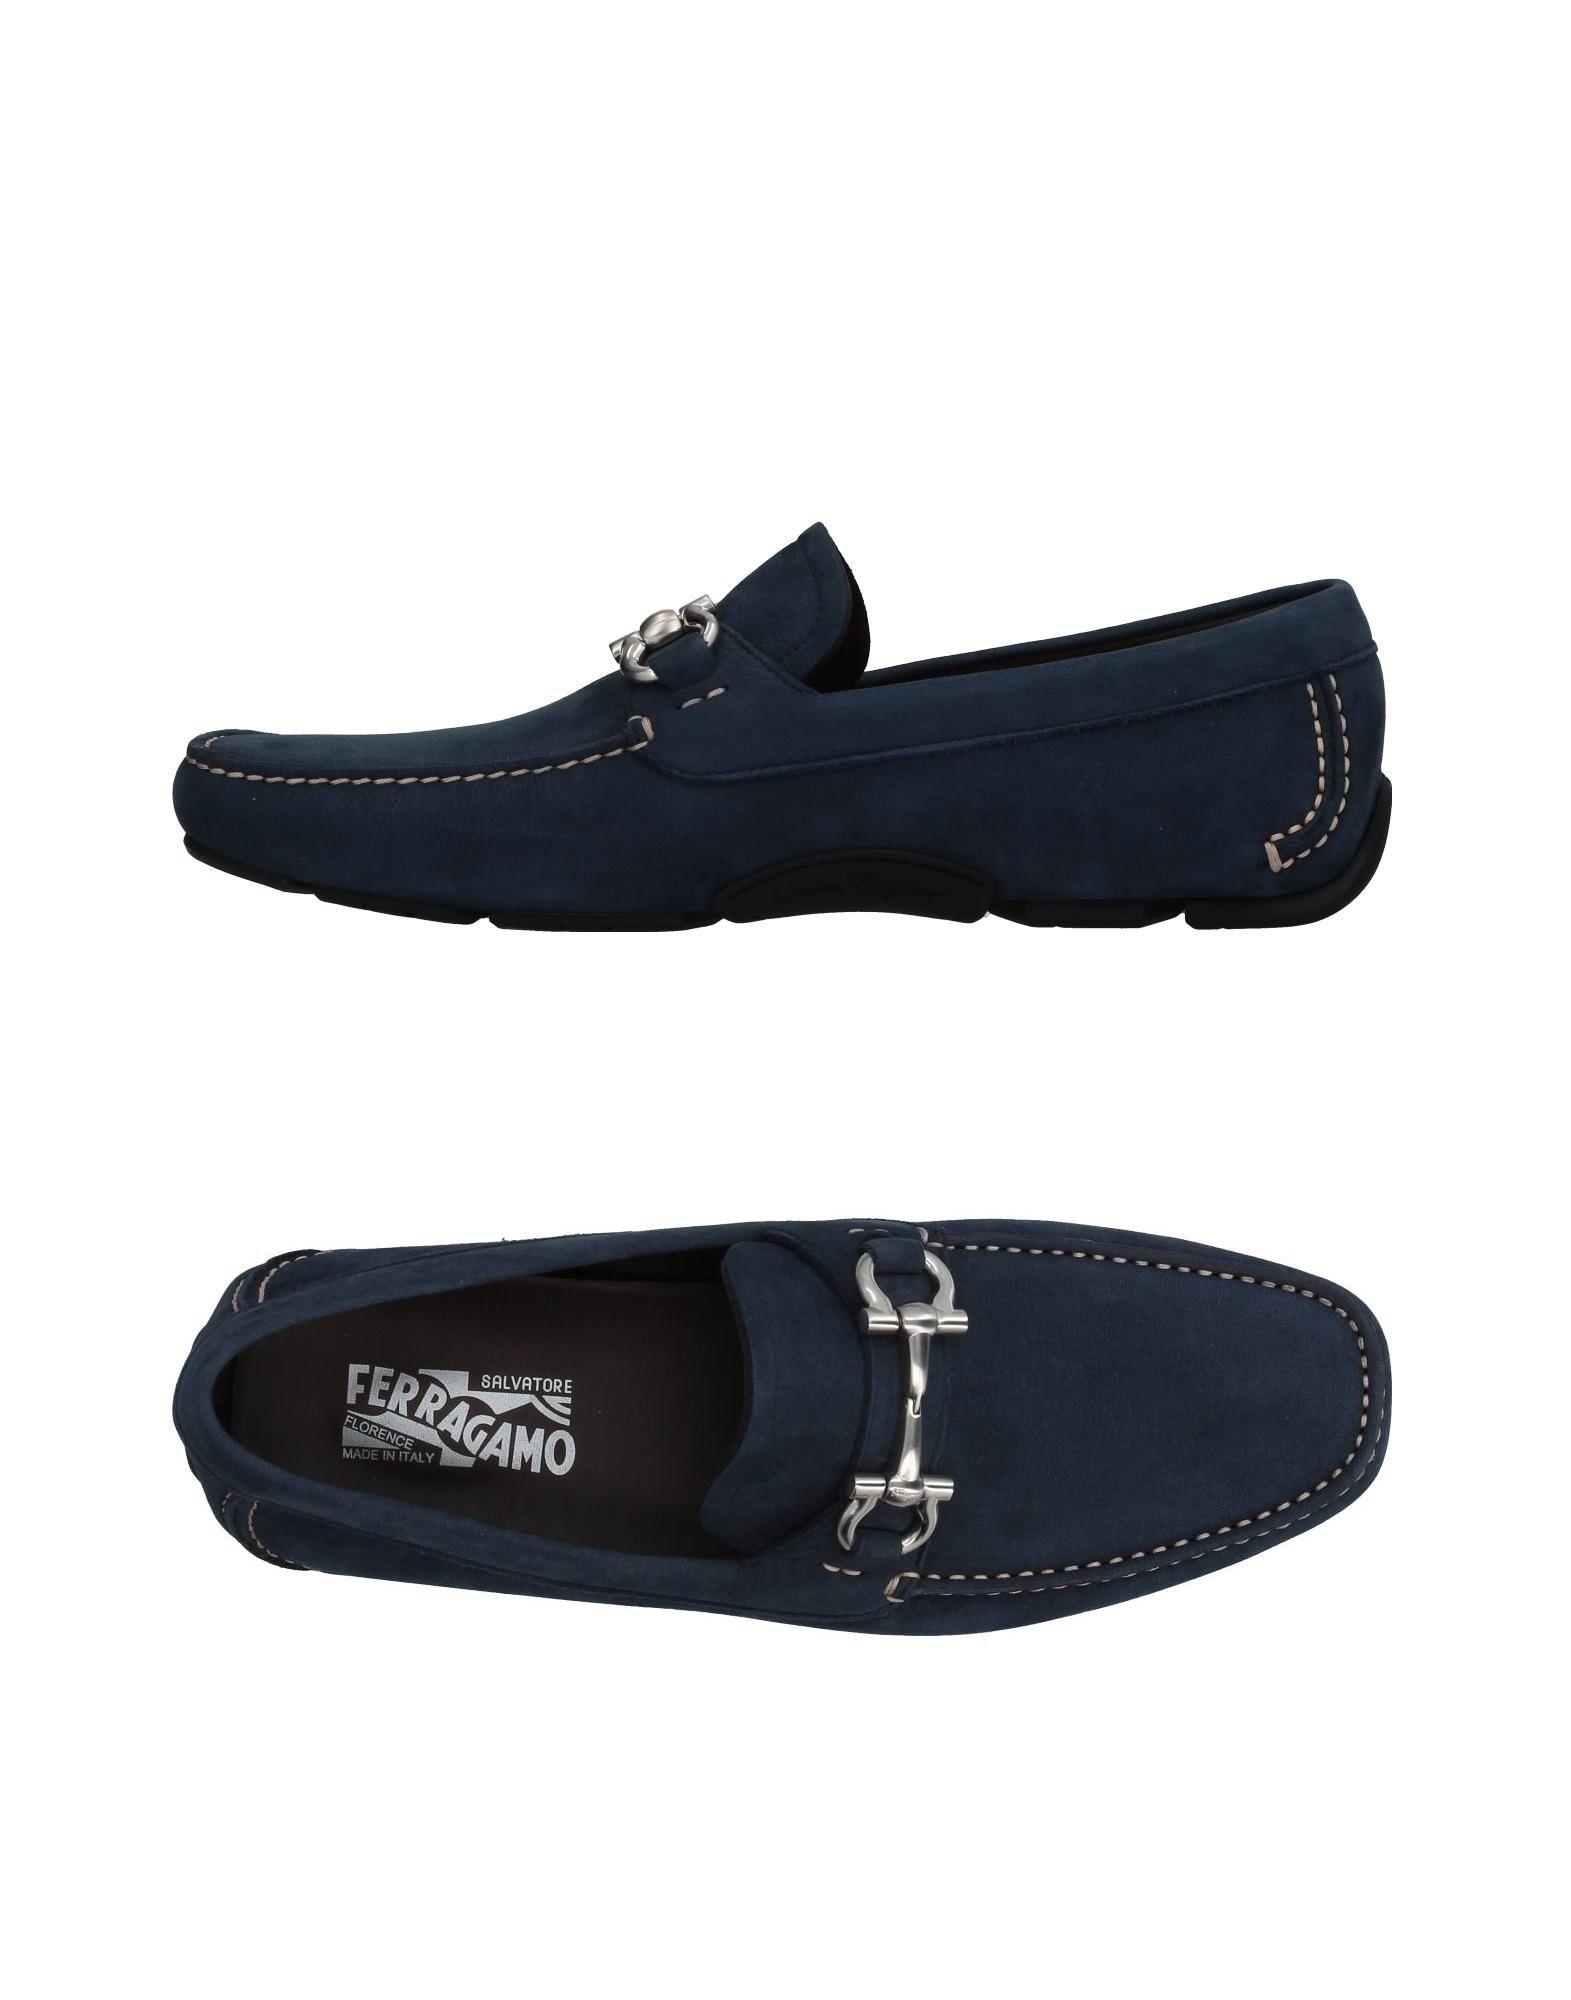 Salvatore Ferragamo Mokassins Herren  11381447IC Gute Qualität beliebte Schuhe